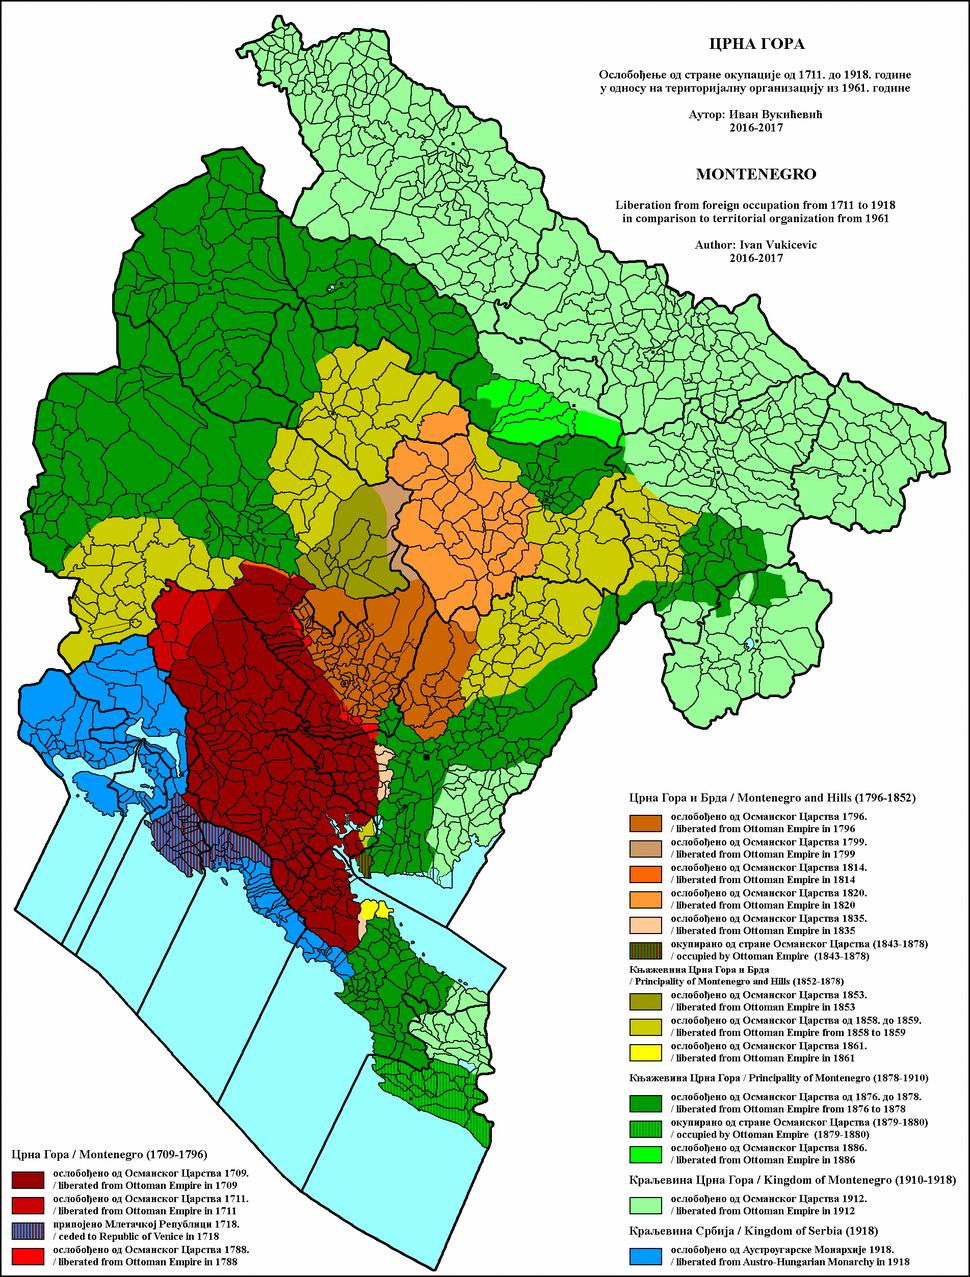 Crna Gora - Oslobodjenje od strane okupacije 1711-1918